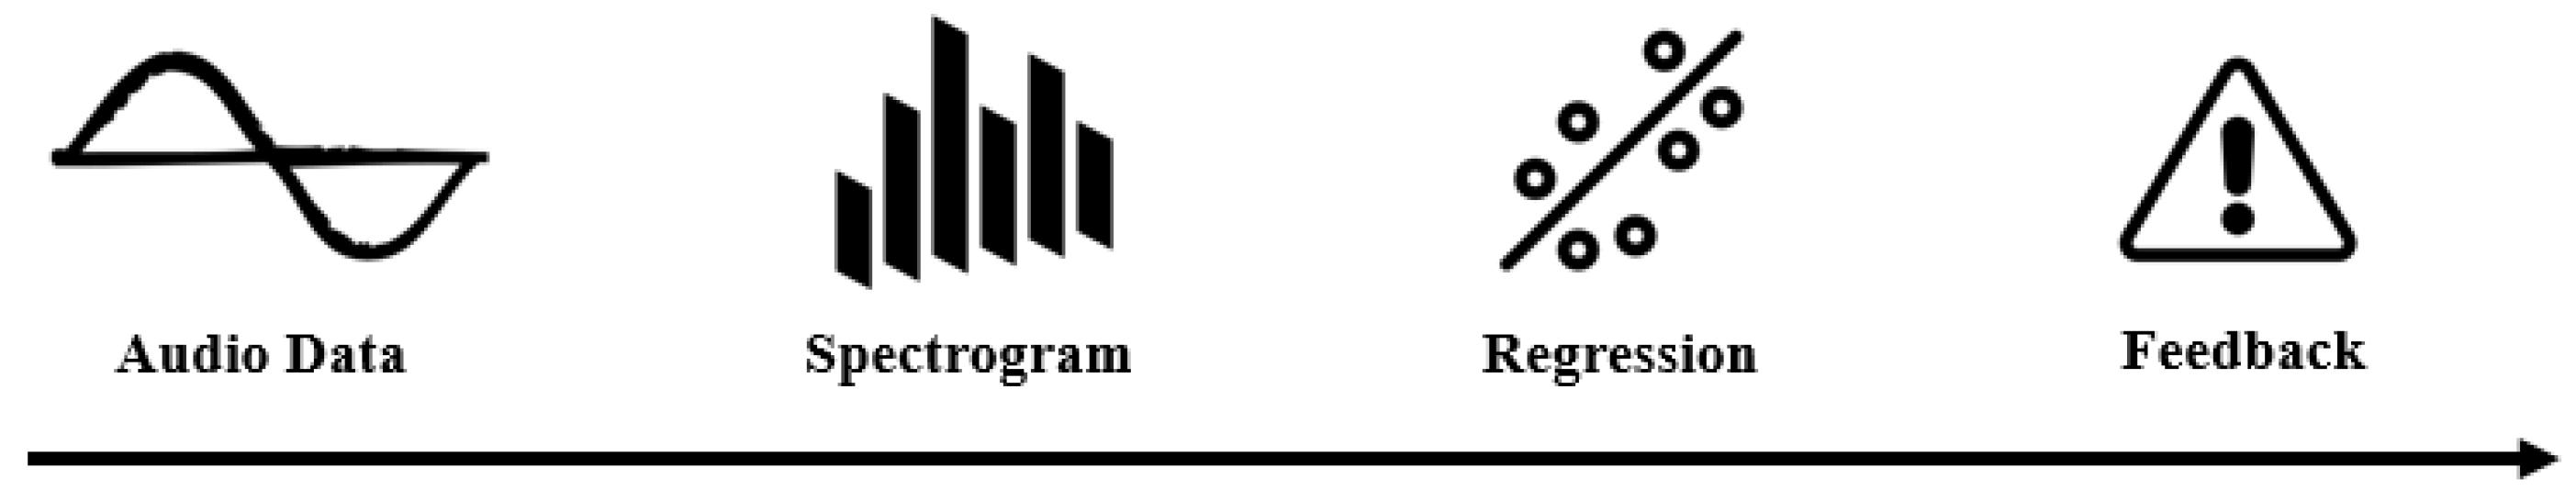 Premise Indicator Words: Residual Error Based Anomaly